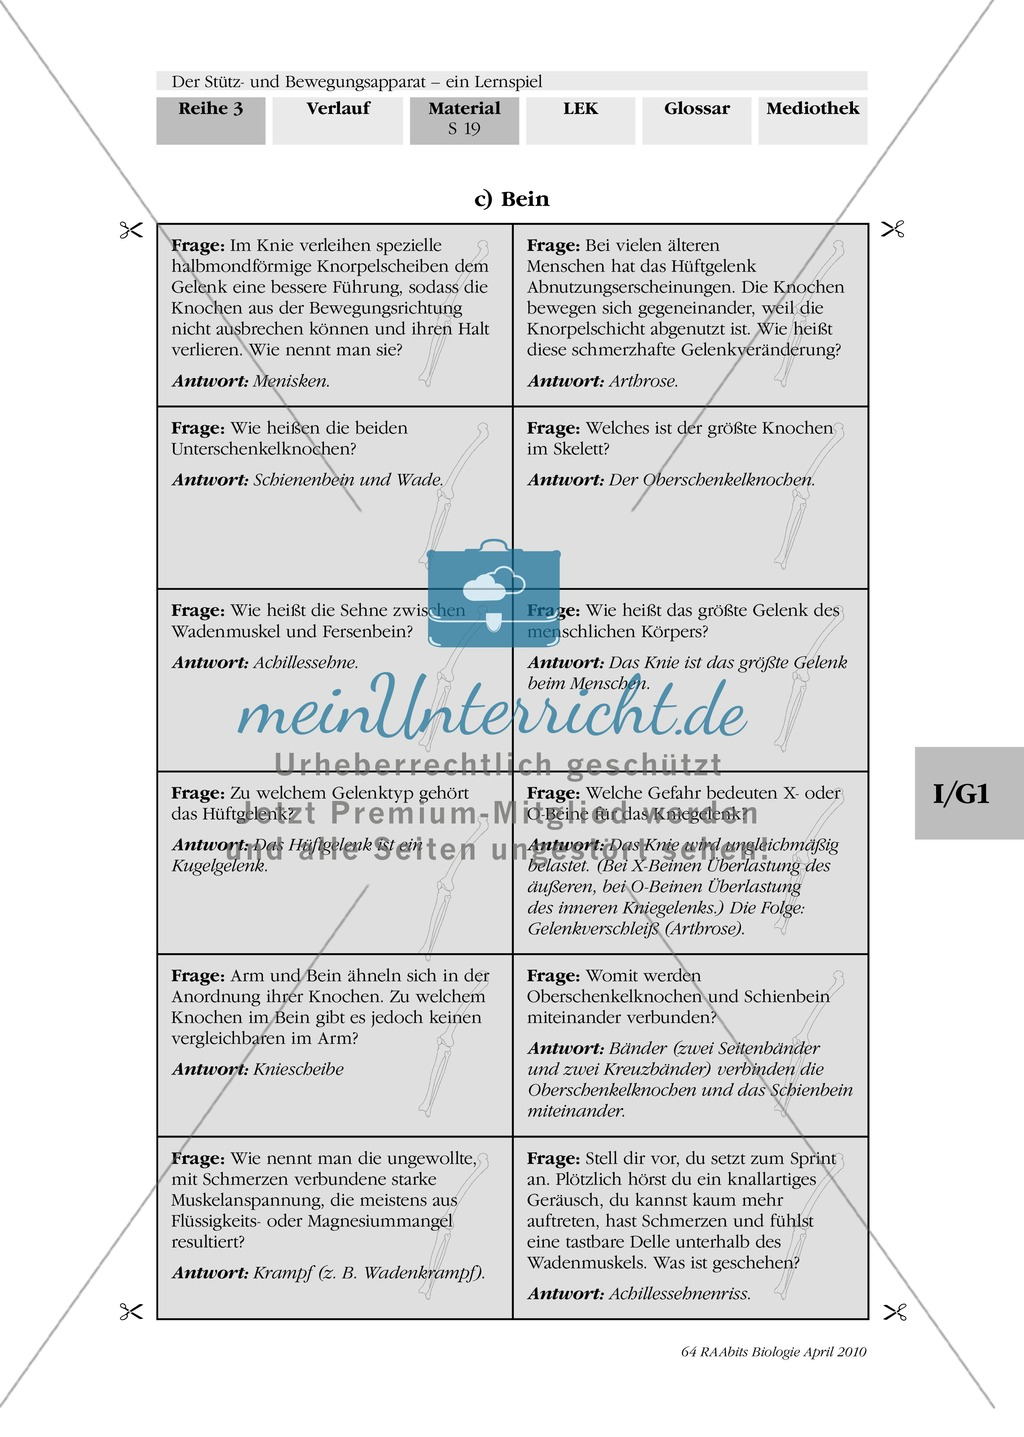 Lernspiel zum Stütz- und Bewegungsapparat: Spielanleitung, Spielfeld, Skelett-Puzzleteile, Fragen, Spielkarten, Röntgenbilder Kontrollbogen, Lösungsbogen Preview 17